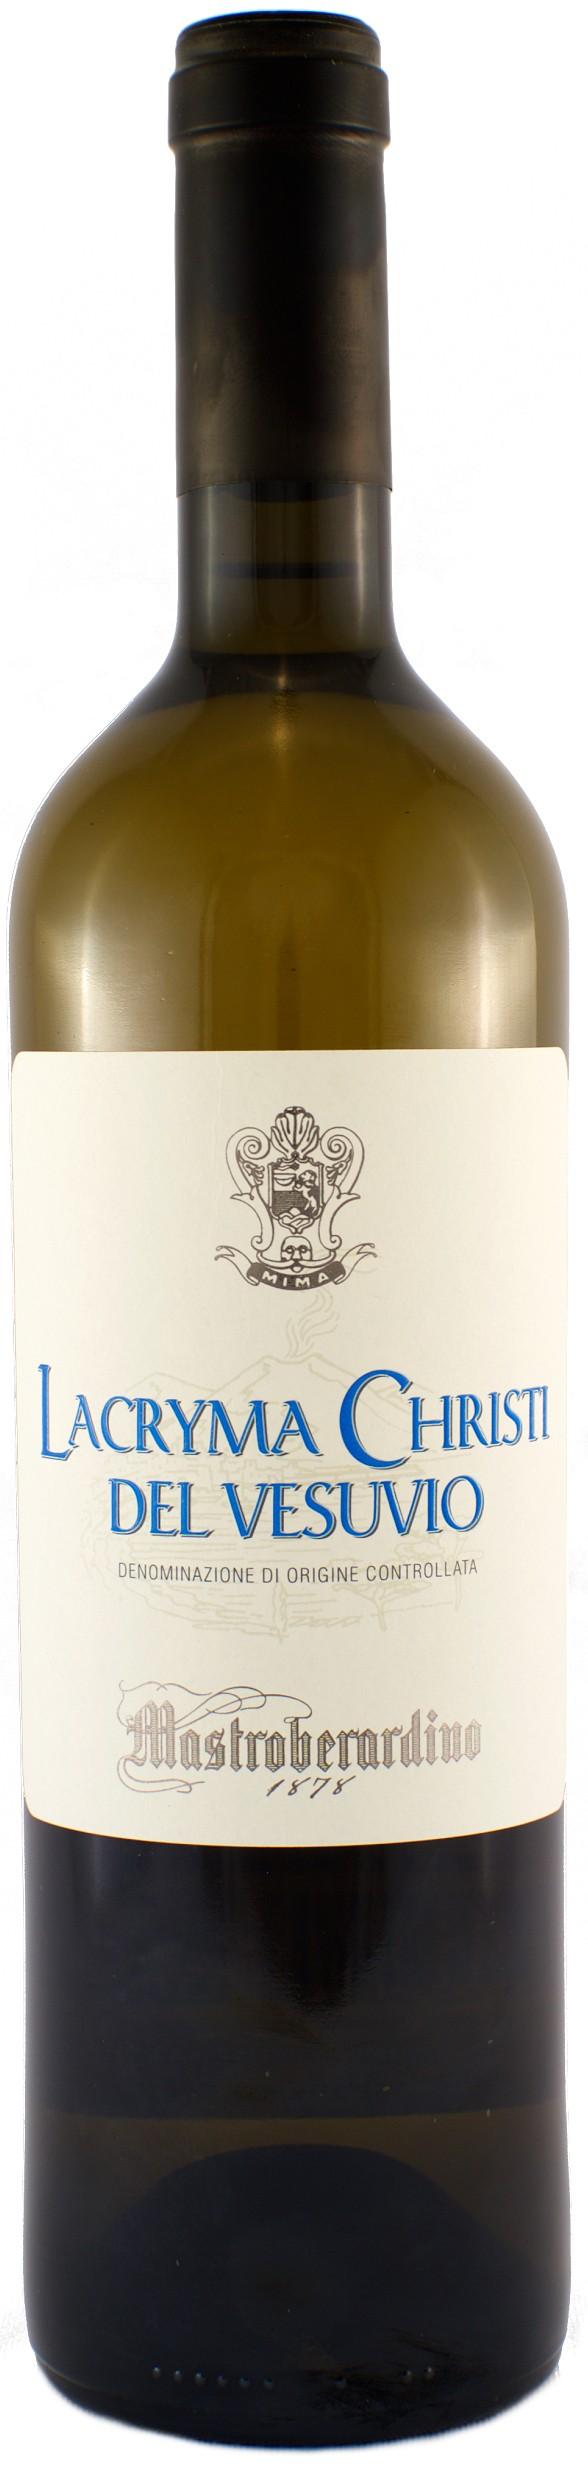 Mastroberardino Lacryma Christi del Vesuvio Bianco фото